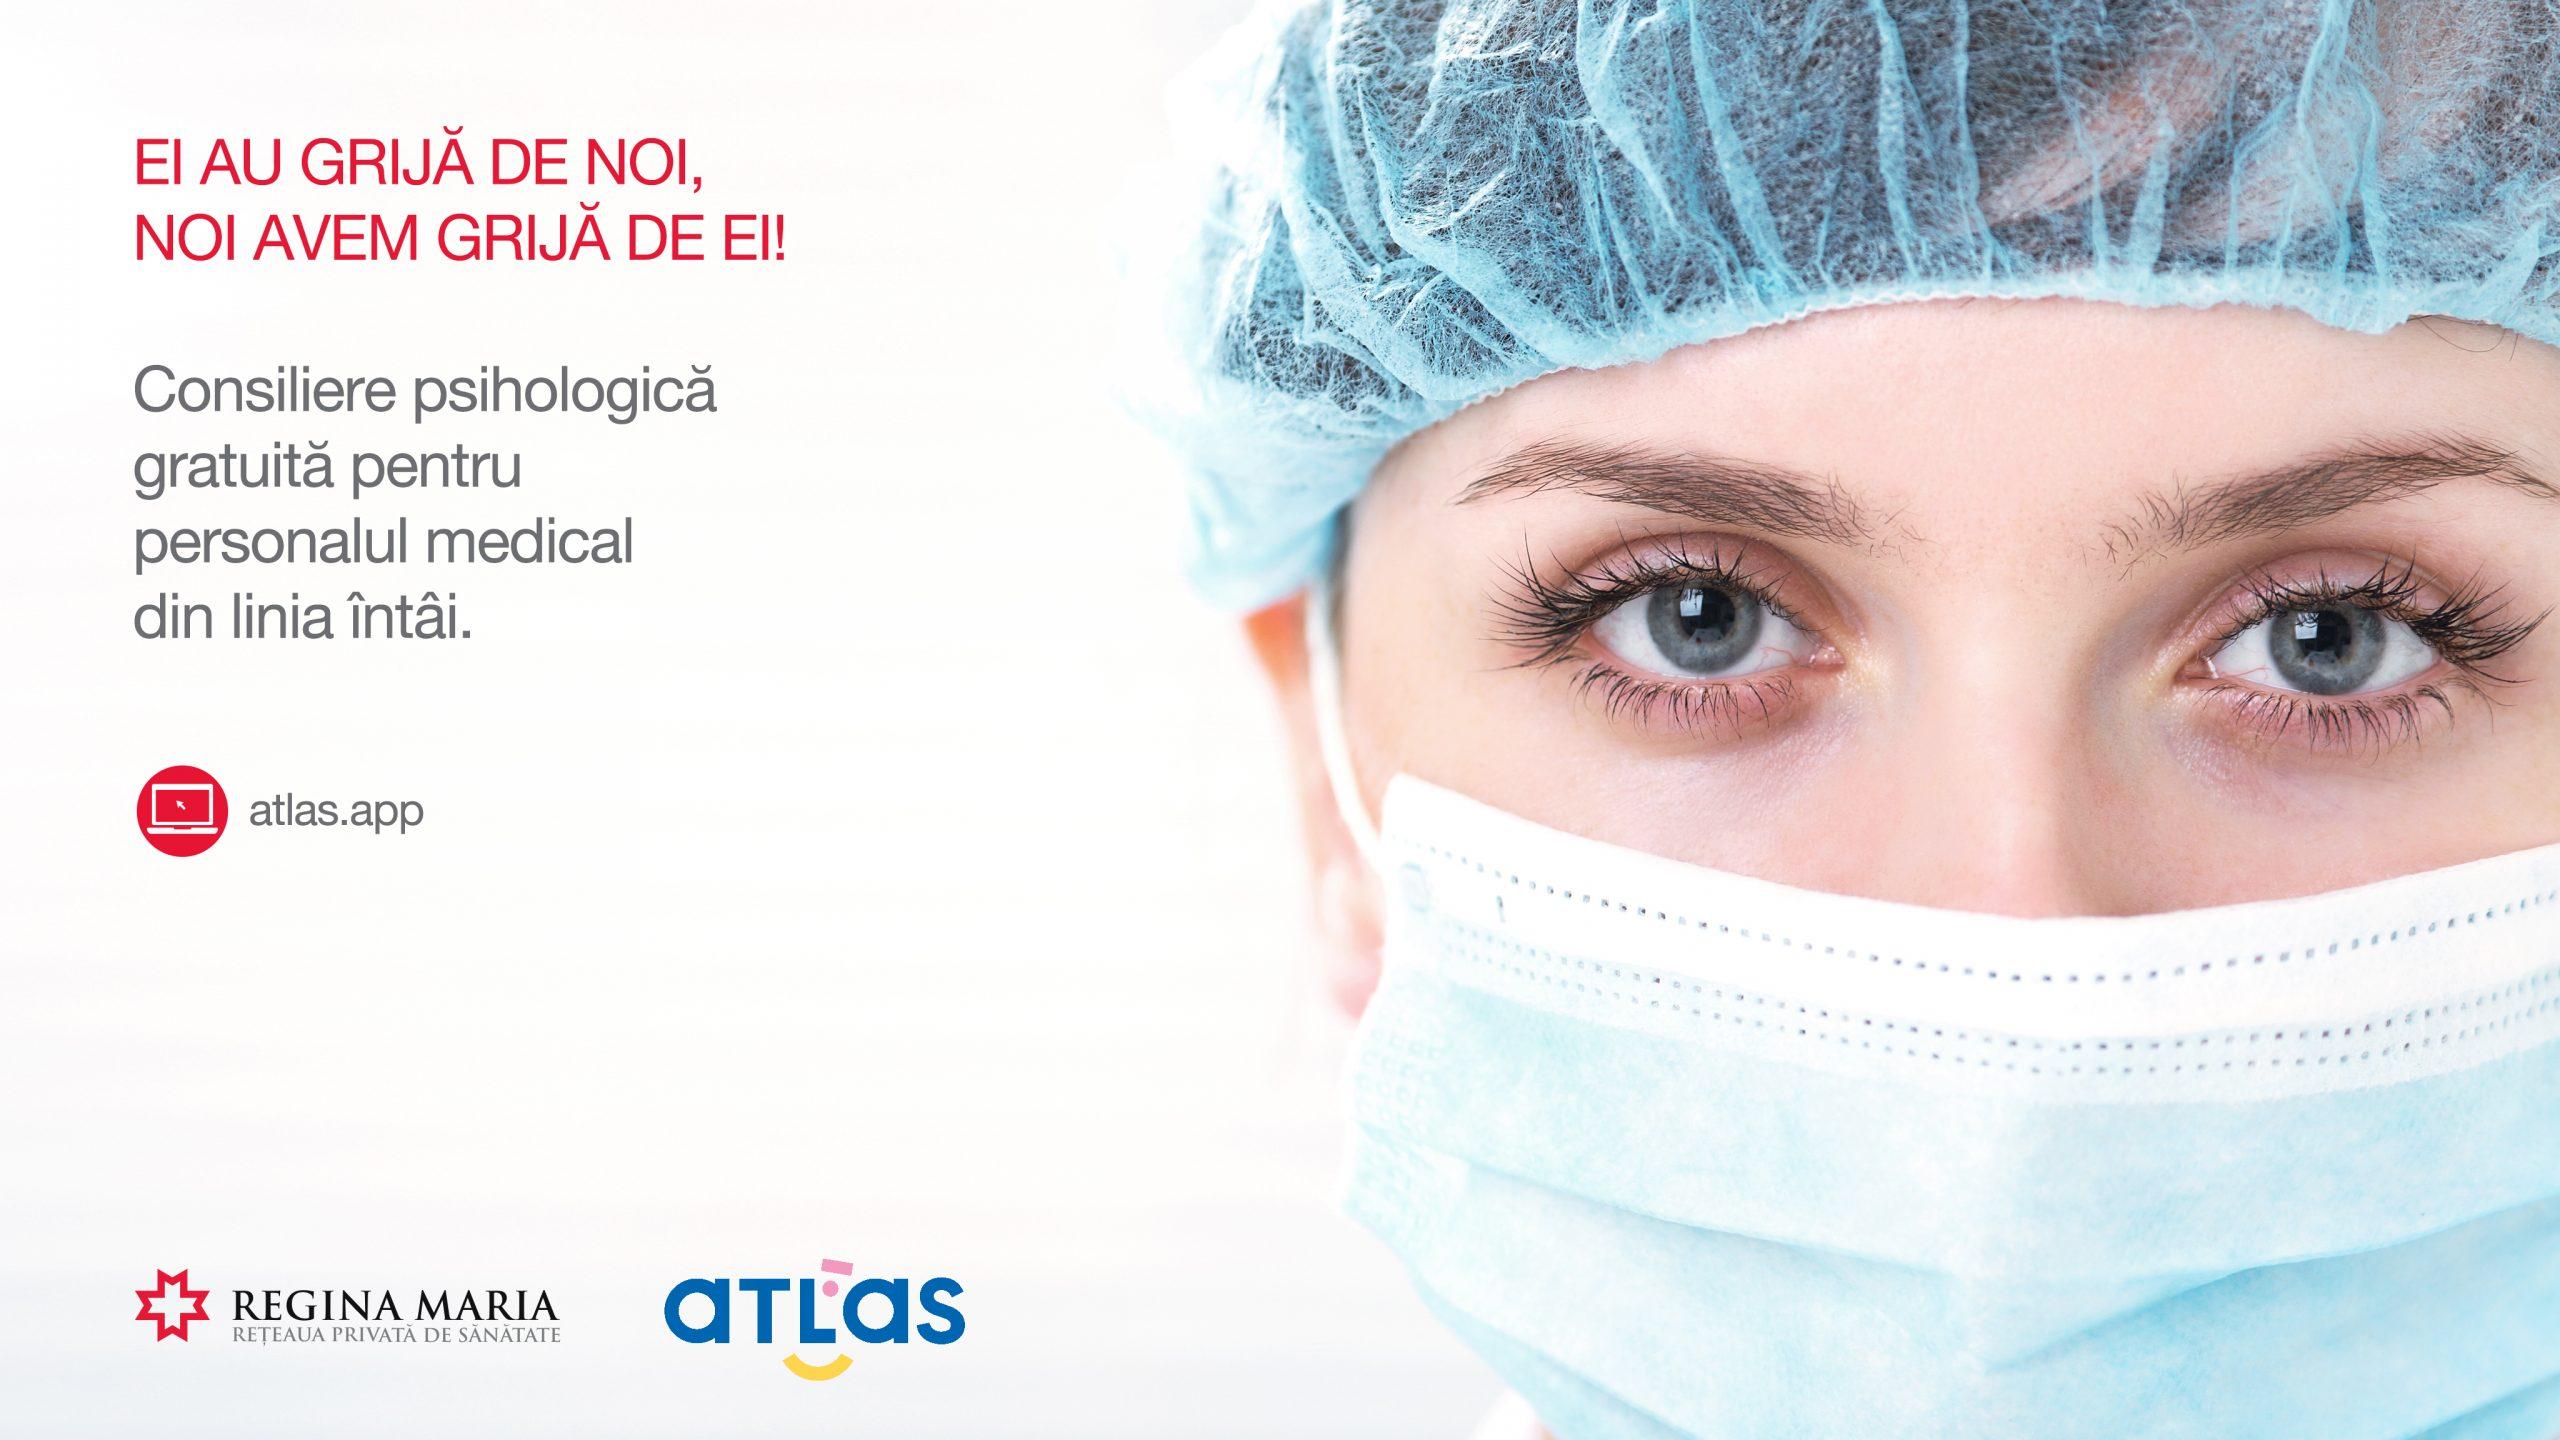 Cadrele medicale implicate în gestionarea cazurilor de COVID-19 primesc consiliere psihologică gratuită, prin intermediul unei colaborări între Rețeaua REGINA MARIA și ATLAS